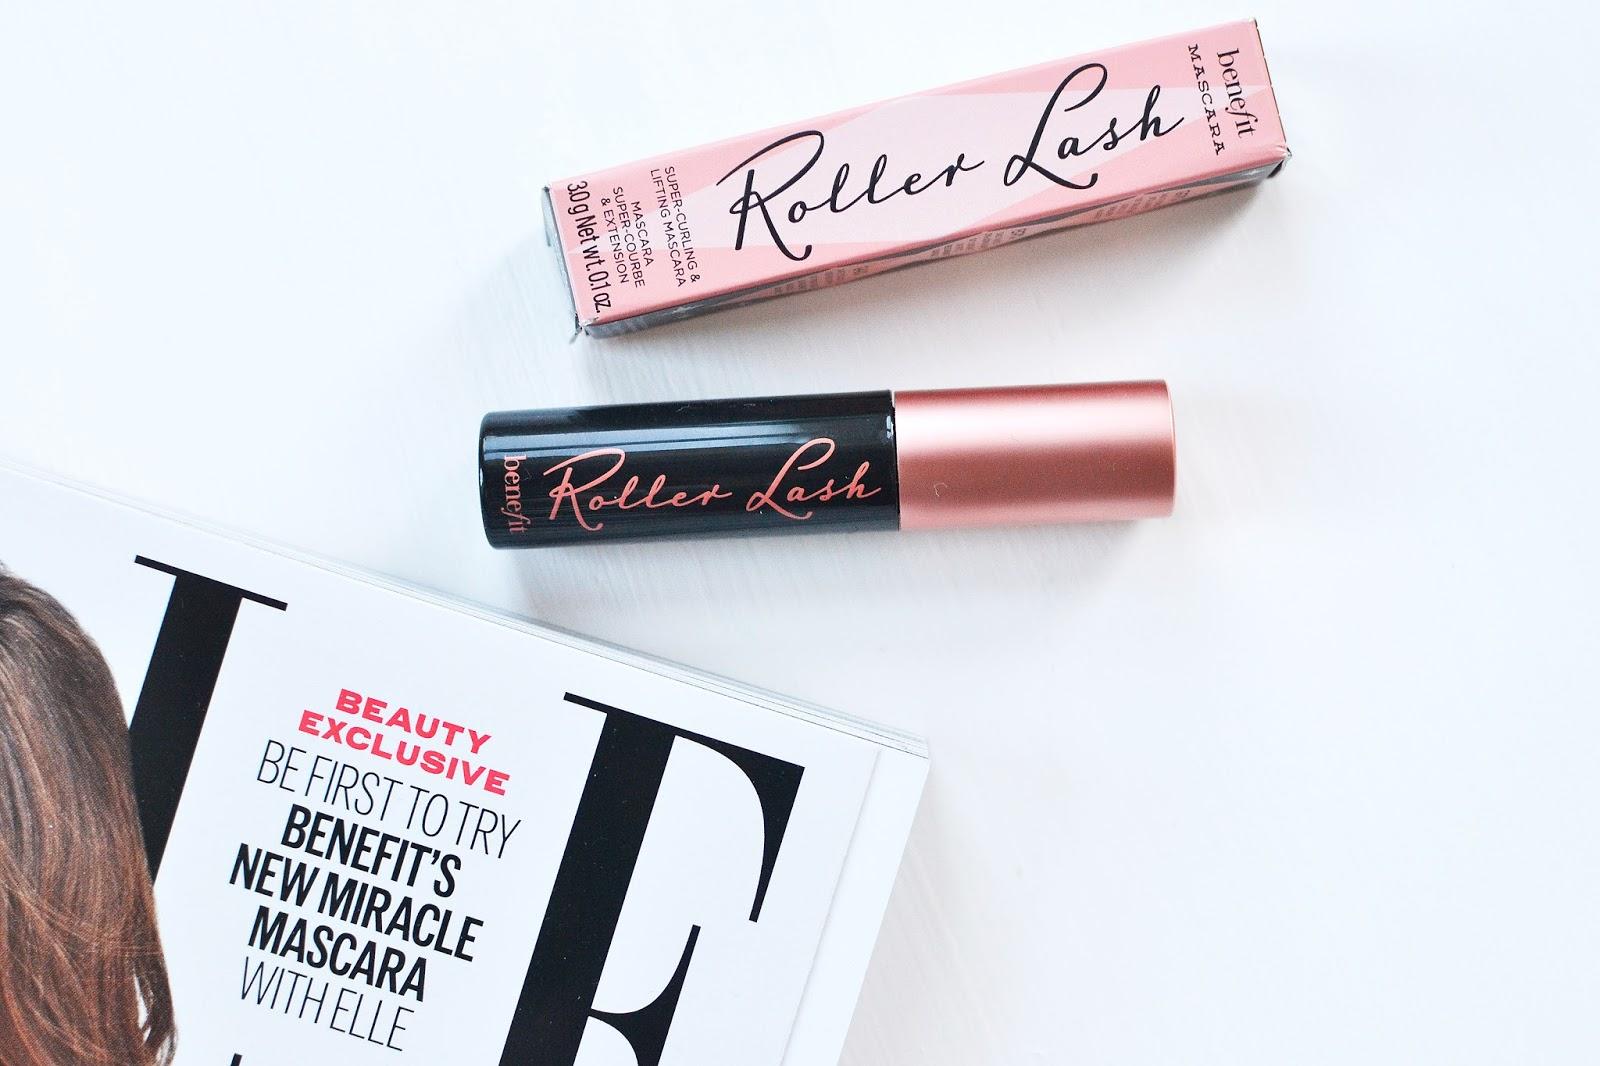 Benefit's Roller Lash Mascara, benefit roller lash, benefit cosmetics roller lash,